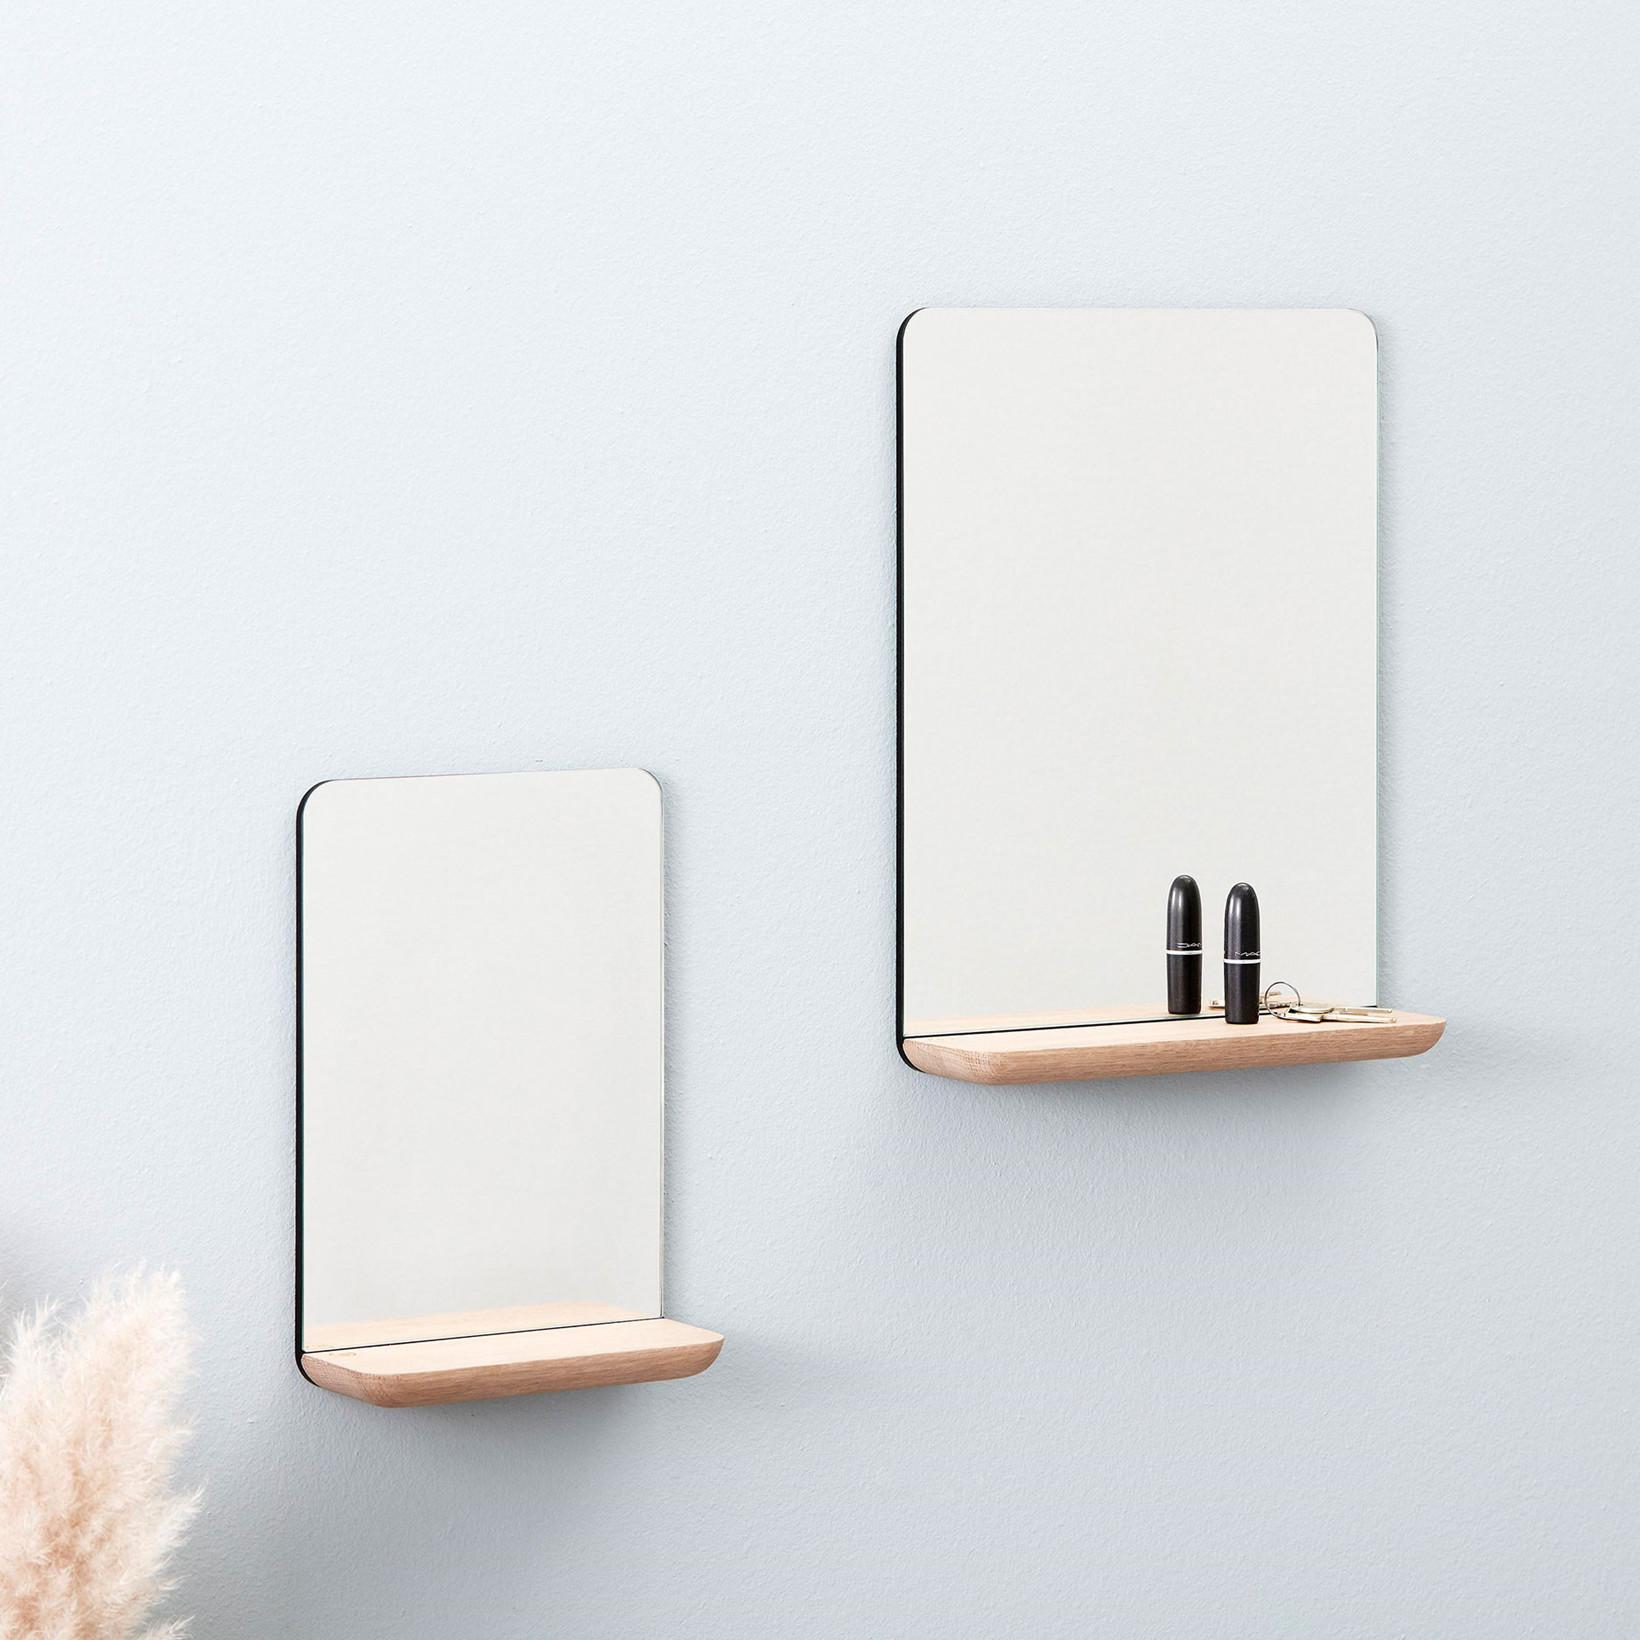 Picture of: Kob Andersen Furniture A Wall Mirror Small Oak Lige Her Laekker Kvalitet Hurtig Fragt